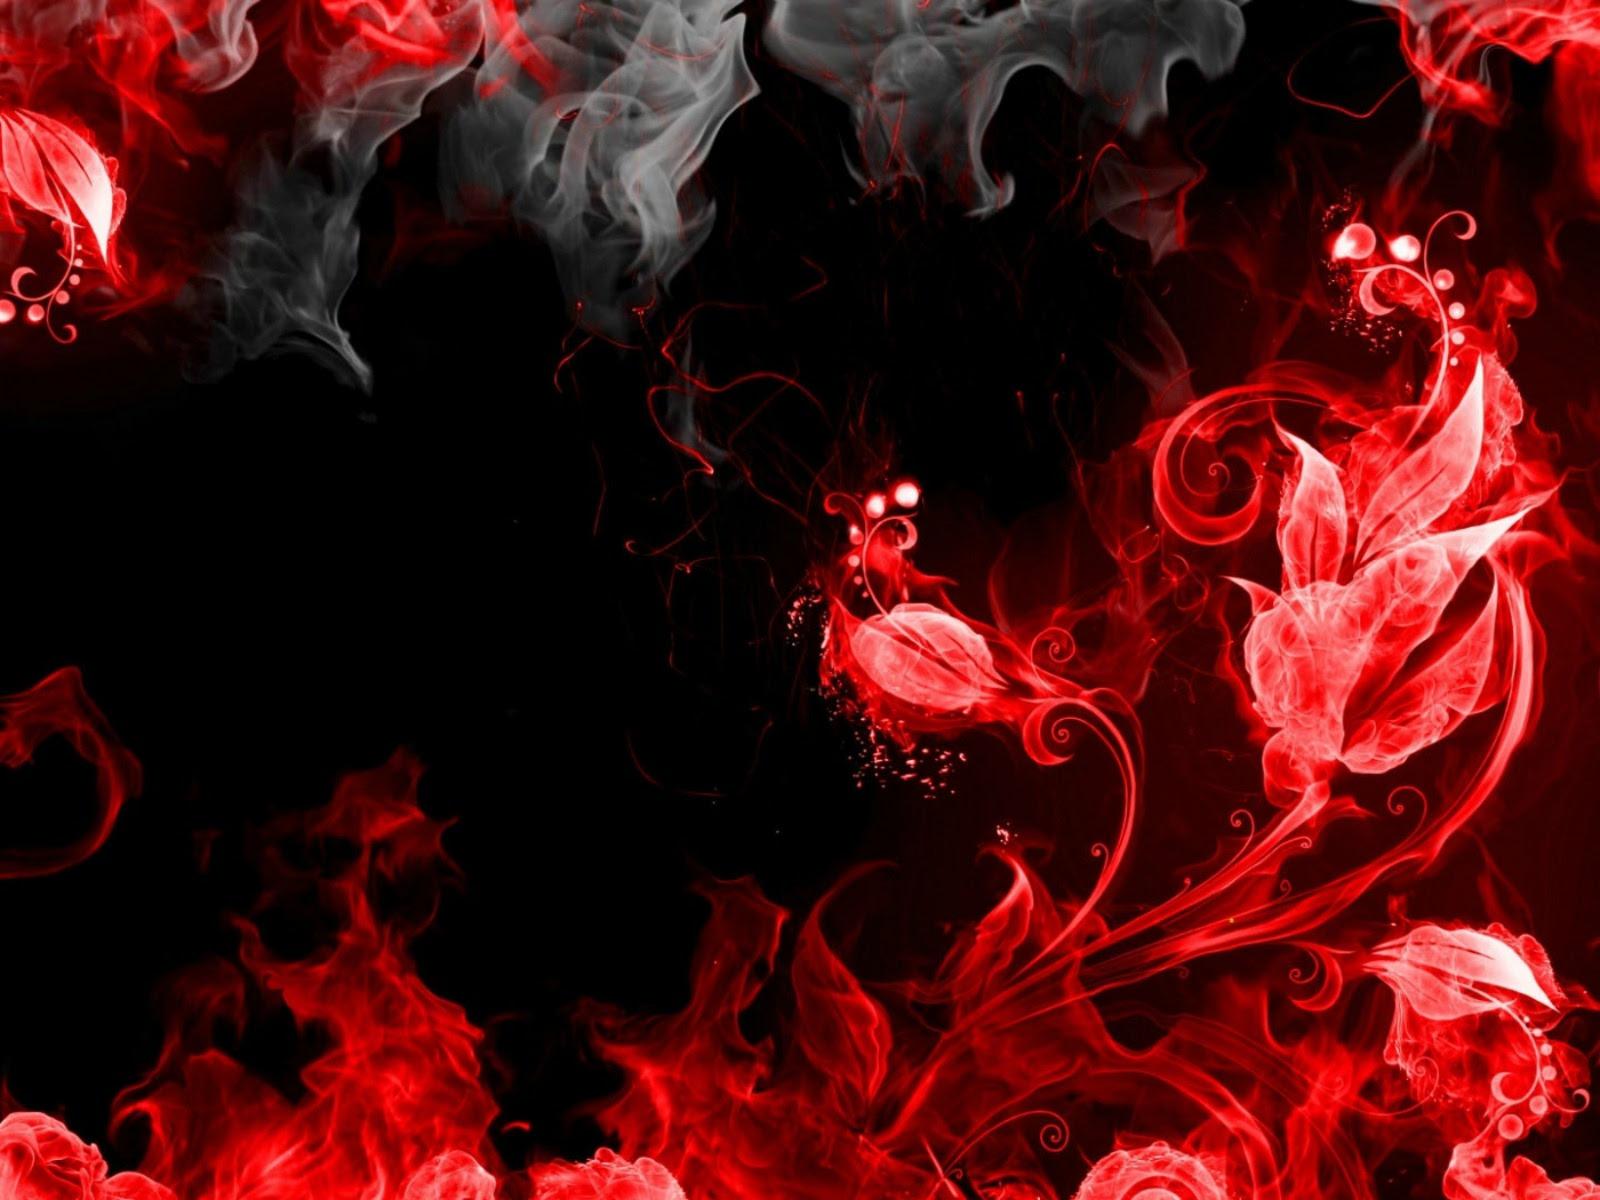 Red Smoke Wallpaper 1600x1200 57758